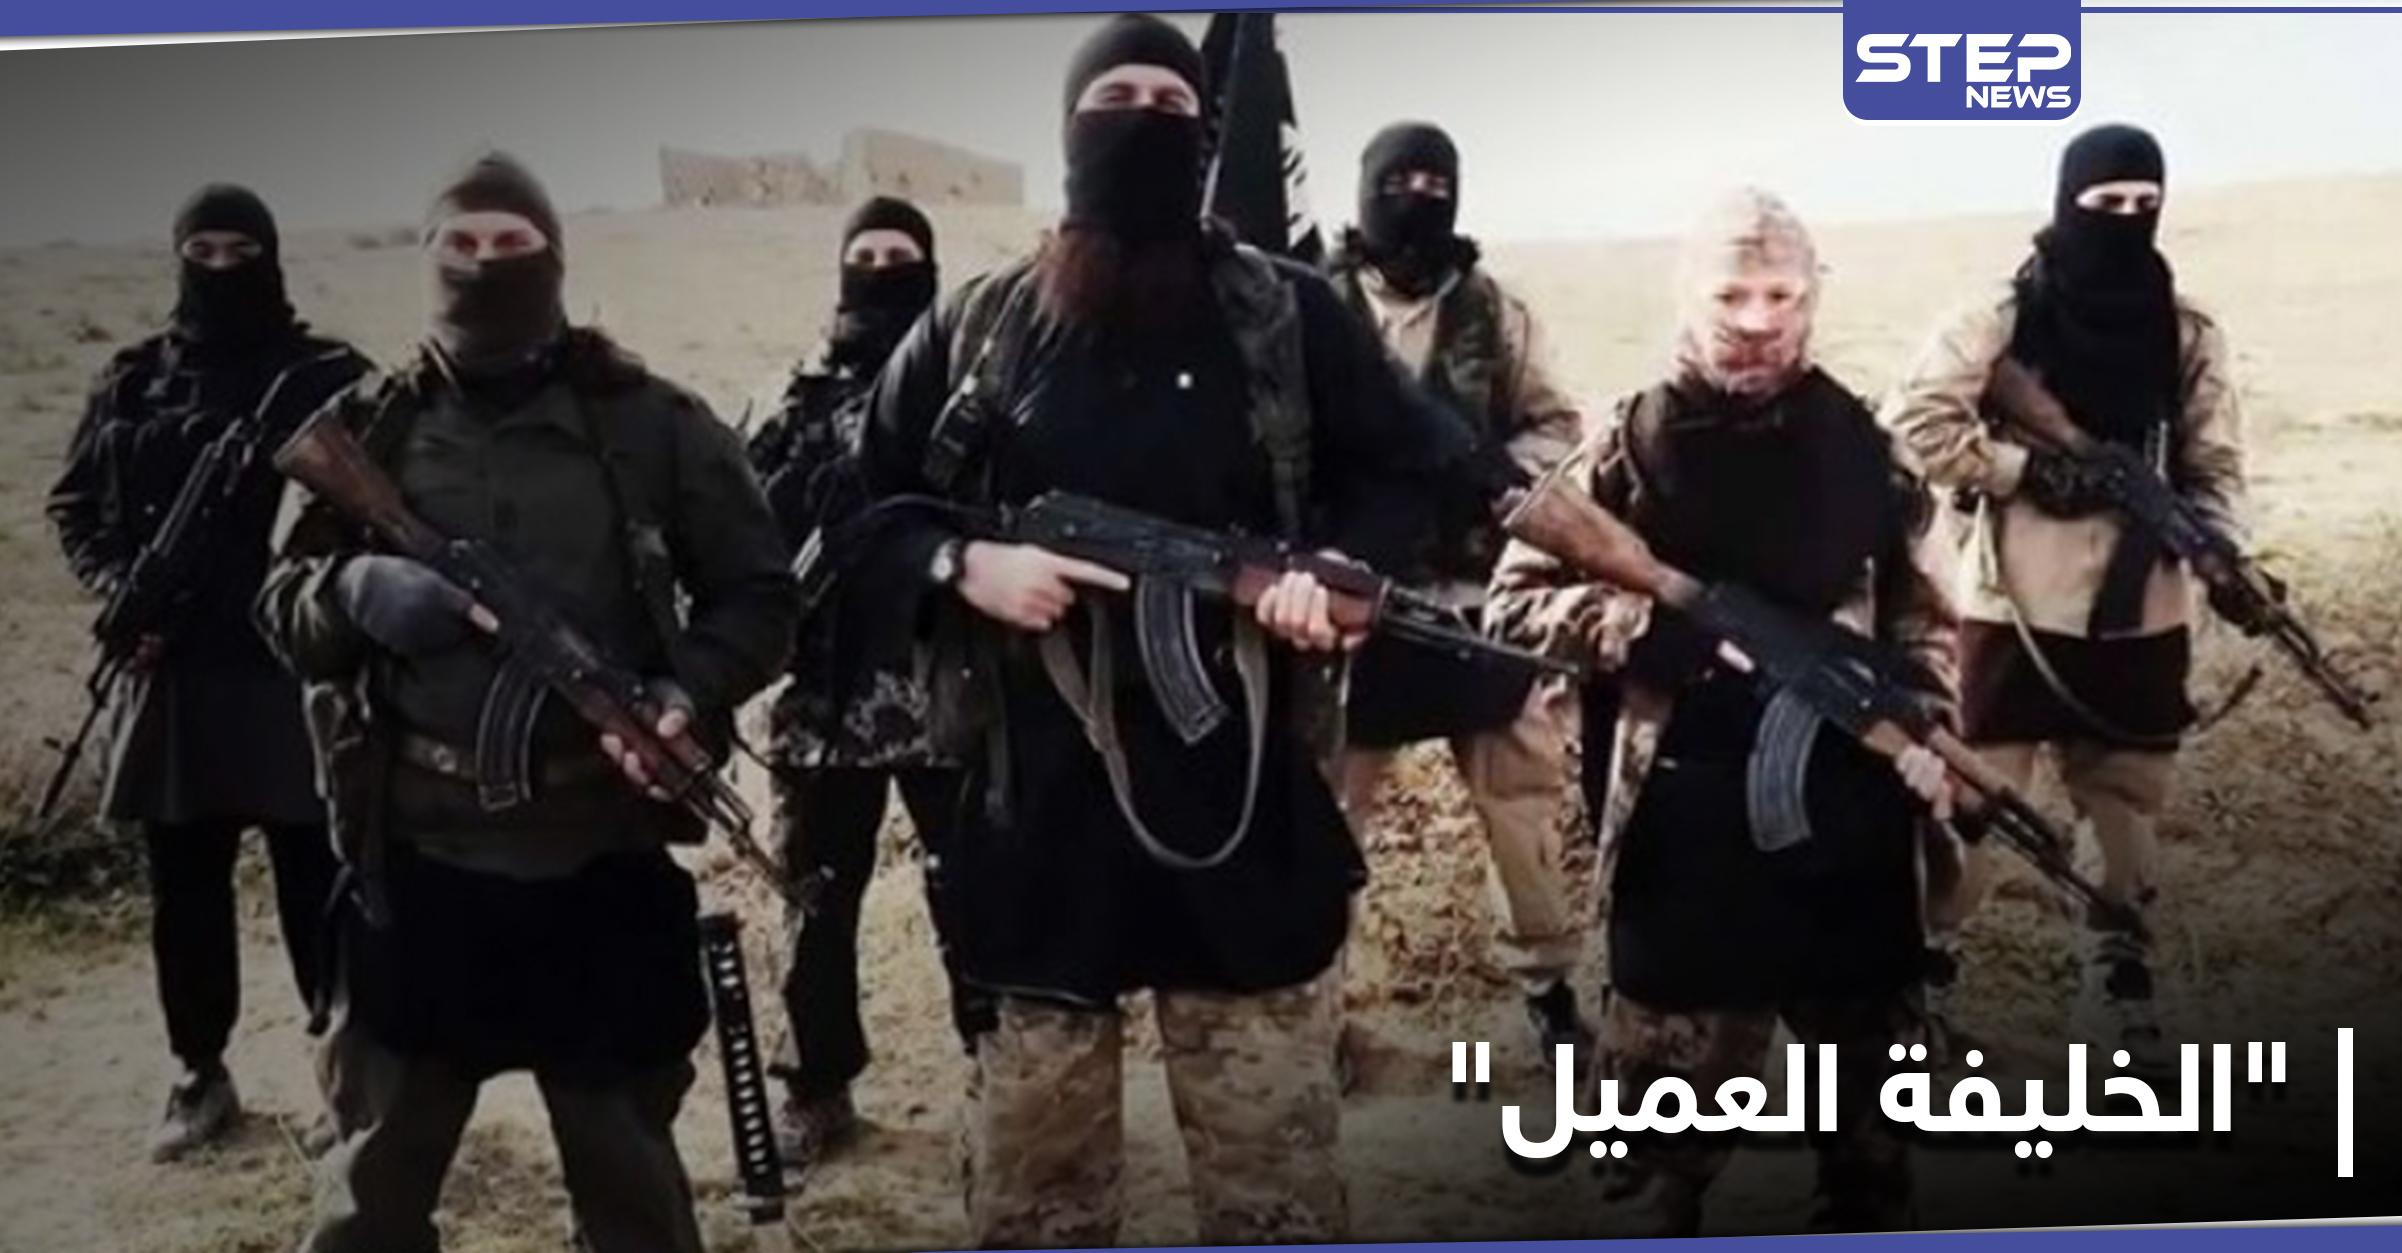 """وثائق.. زعيم تنظيم داعش """"خان"""" مقاتليه و""""أكبر واشٍ"""" للقوات الأمريكية"""